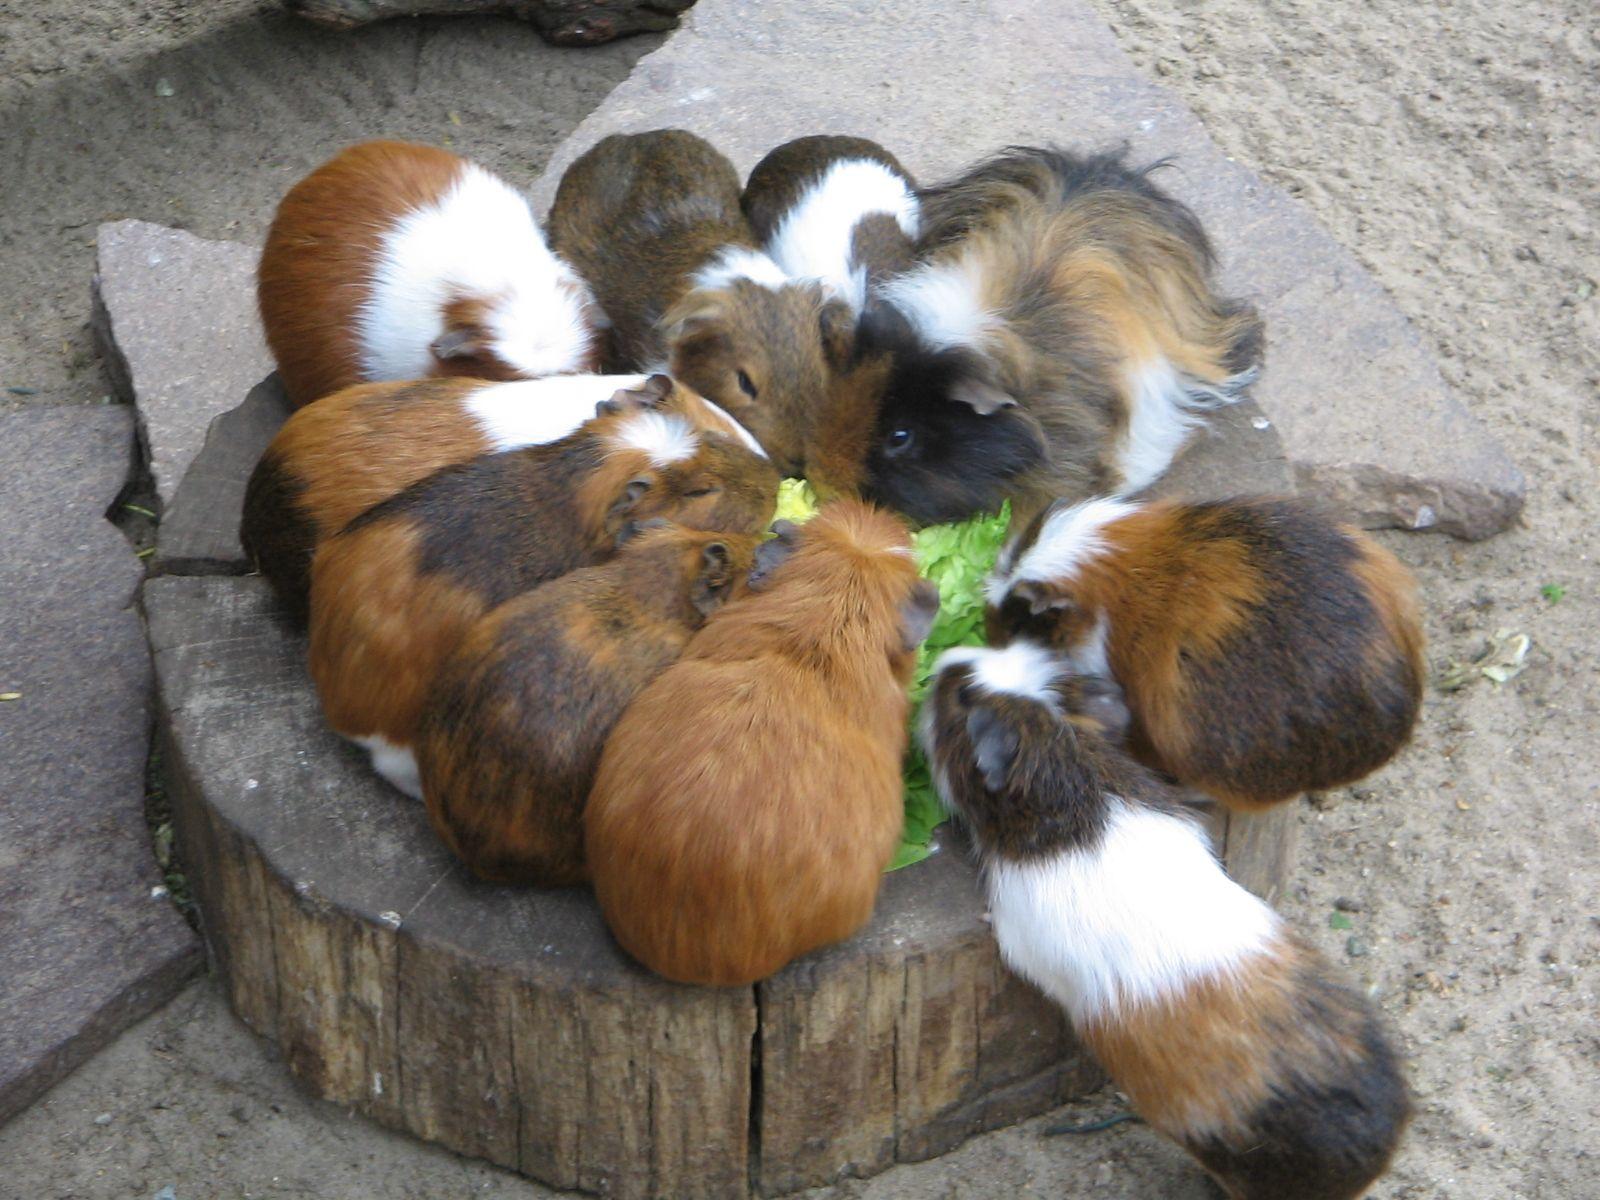 Gruppe_von_Meerschweinchen animalsmeeries